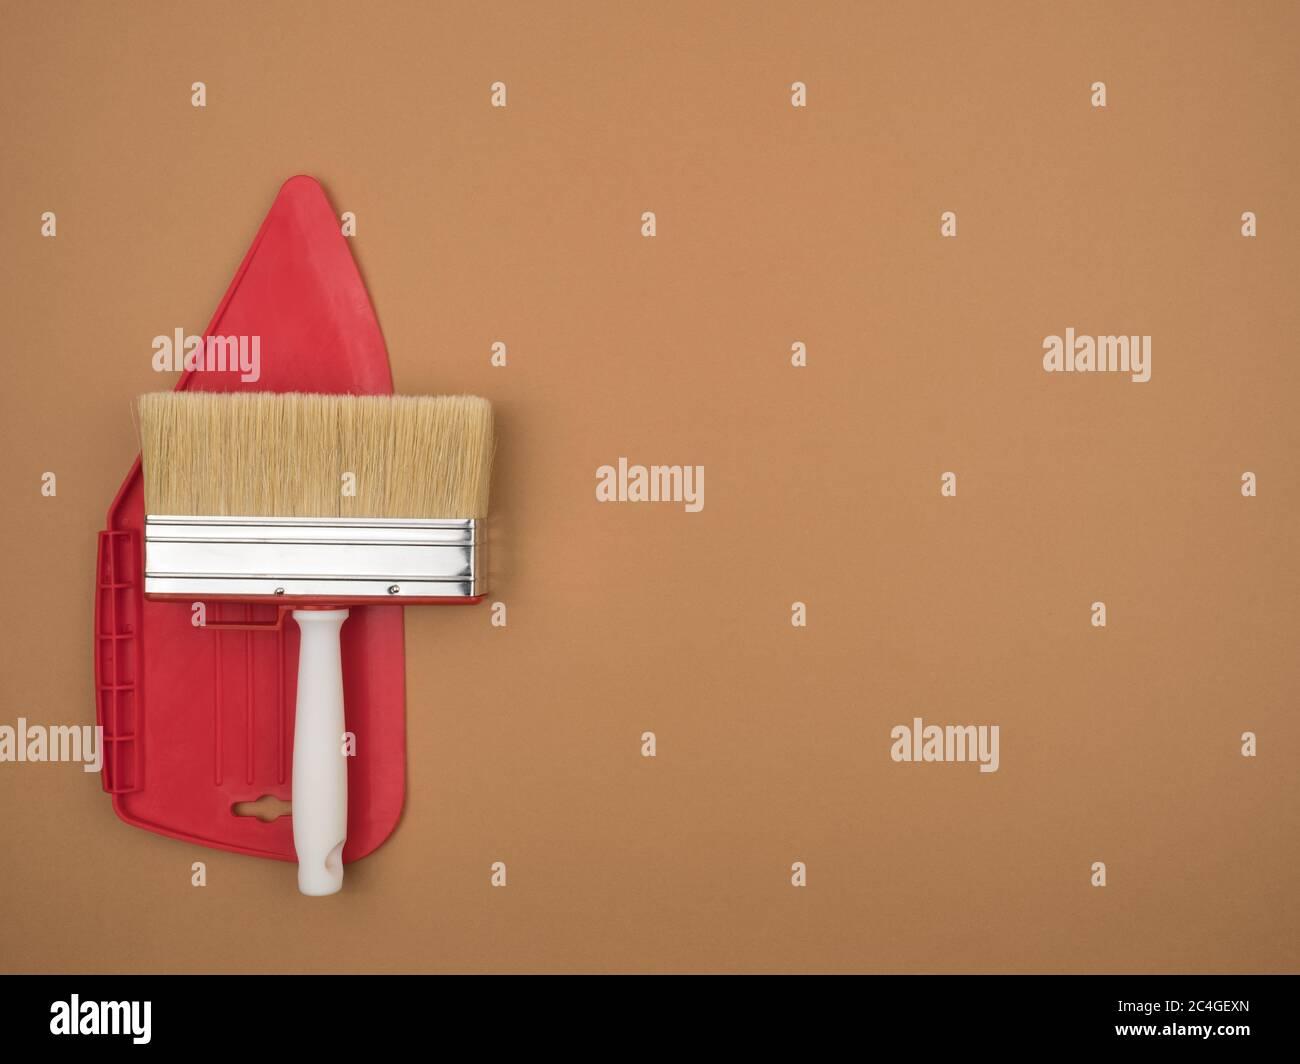 Espátula para alisar papel tapiz y un gran pincel de pintura. Fondo beige. Foto de stock